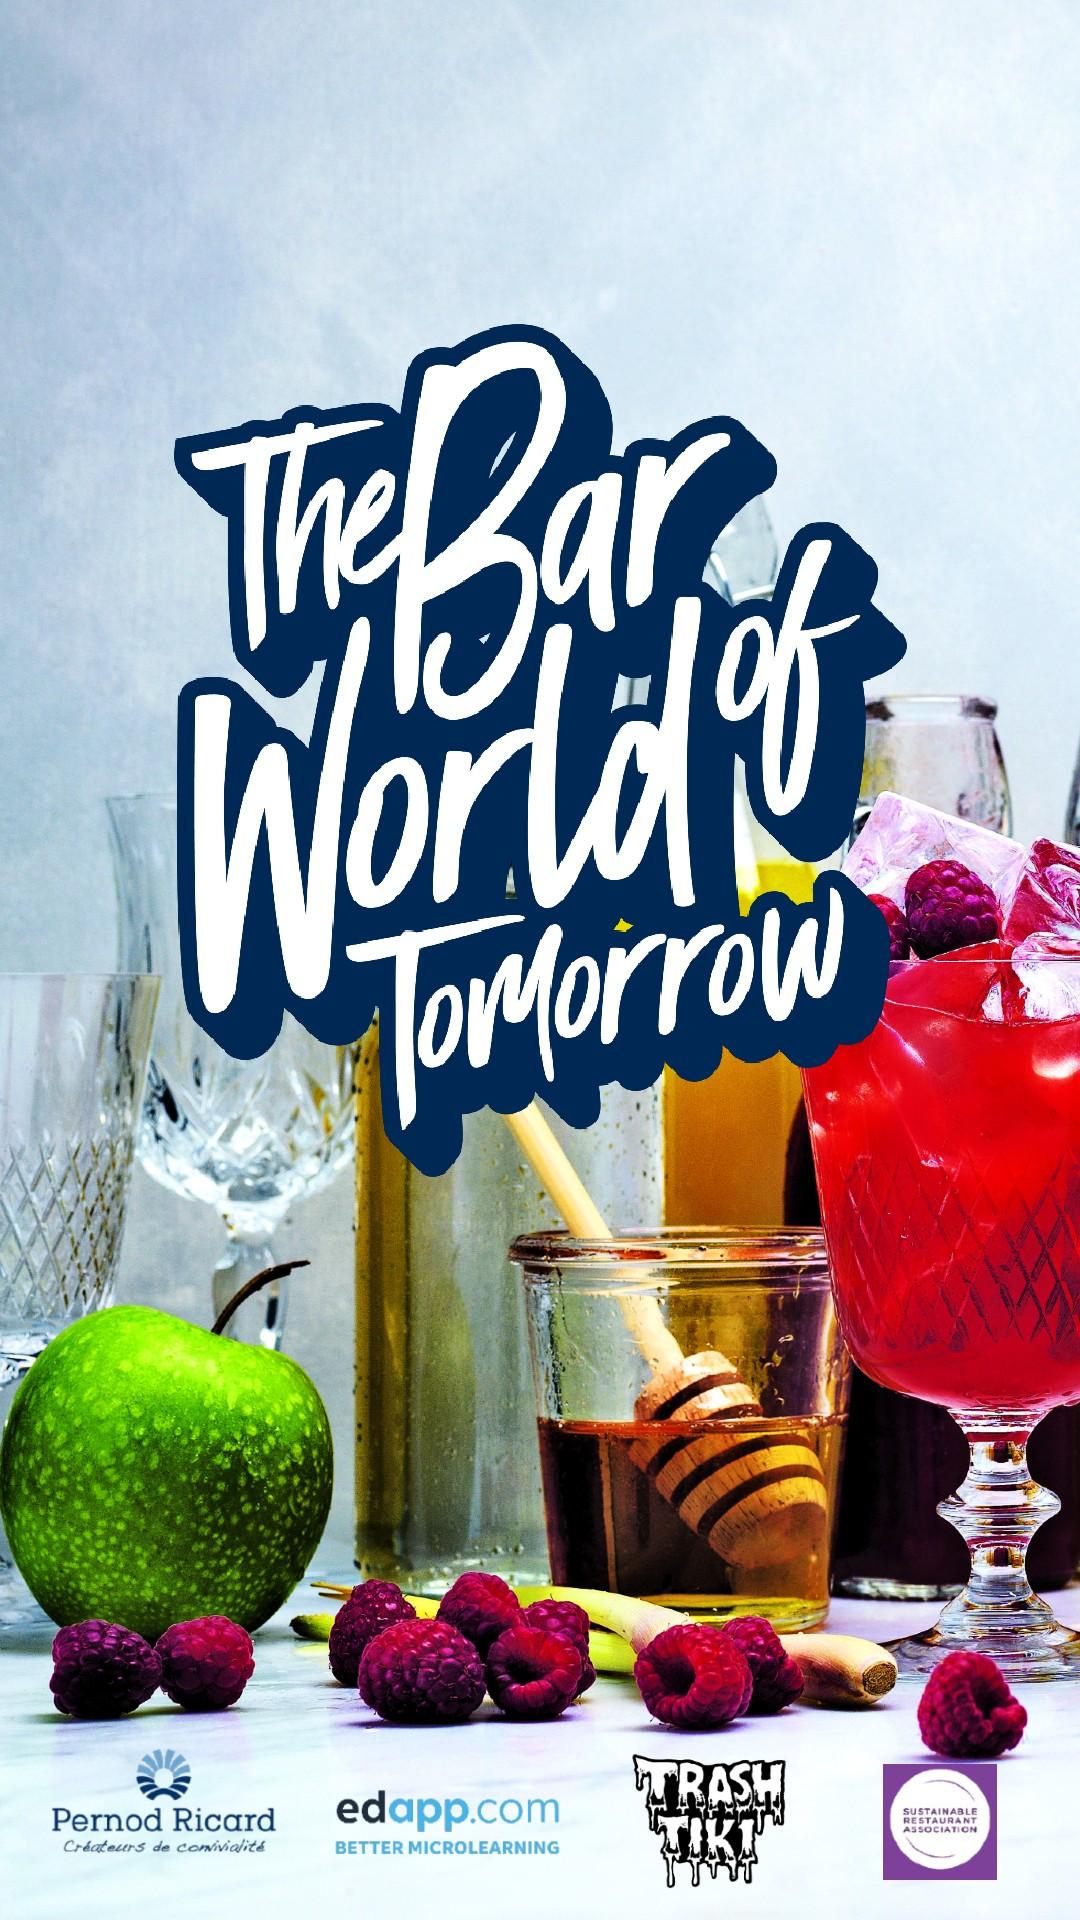 capa de divulgação do the bar world of tomorrow